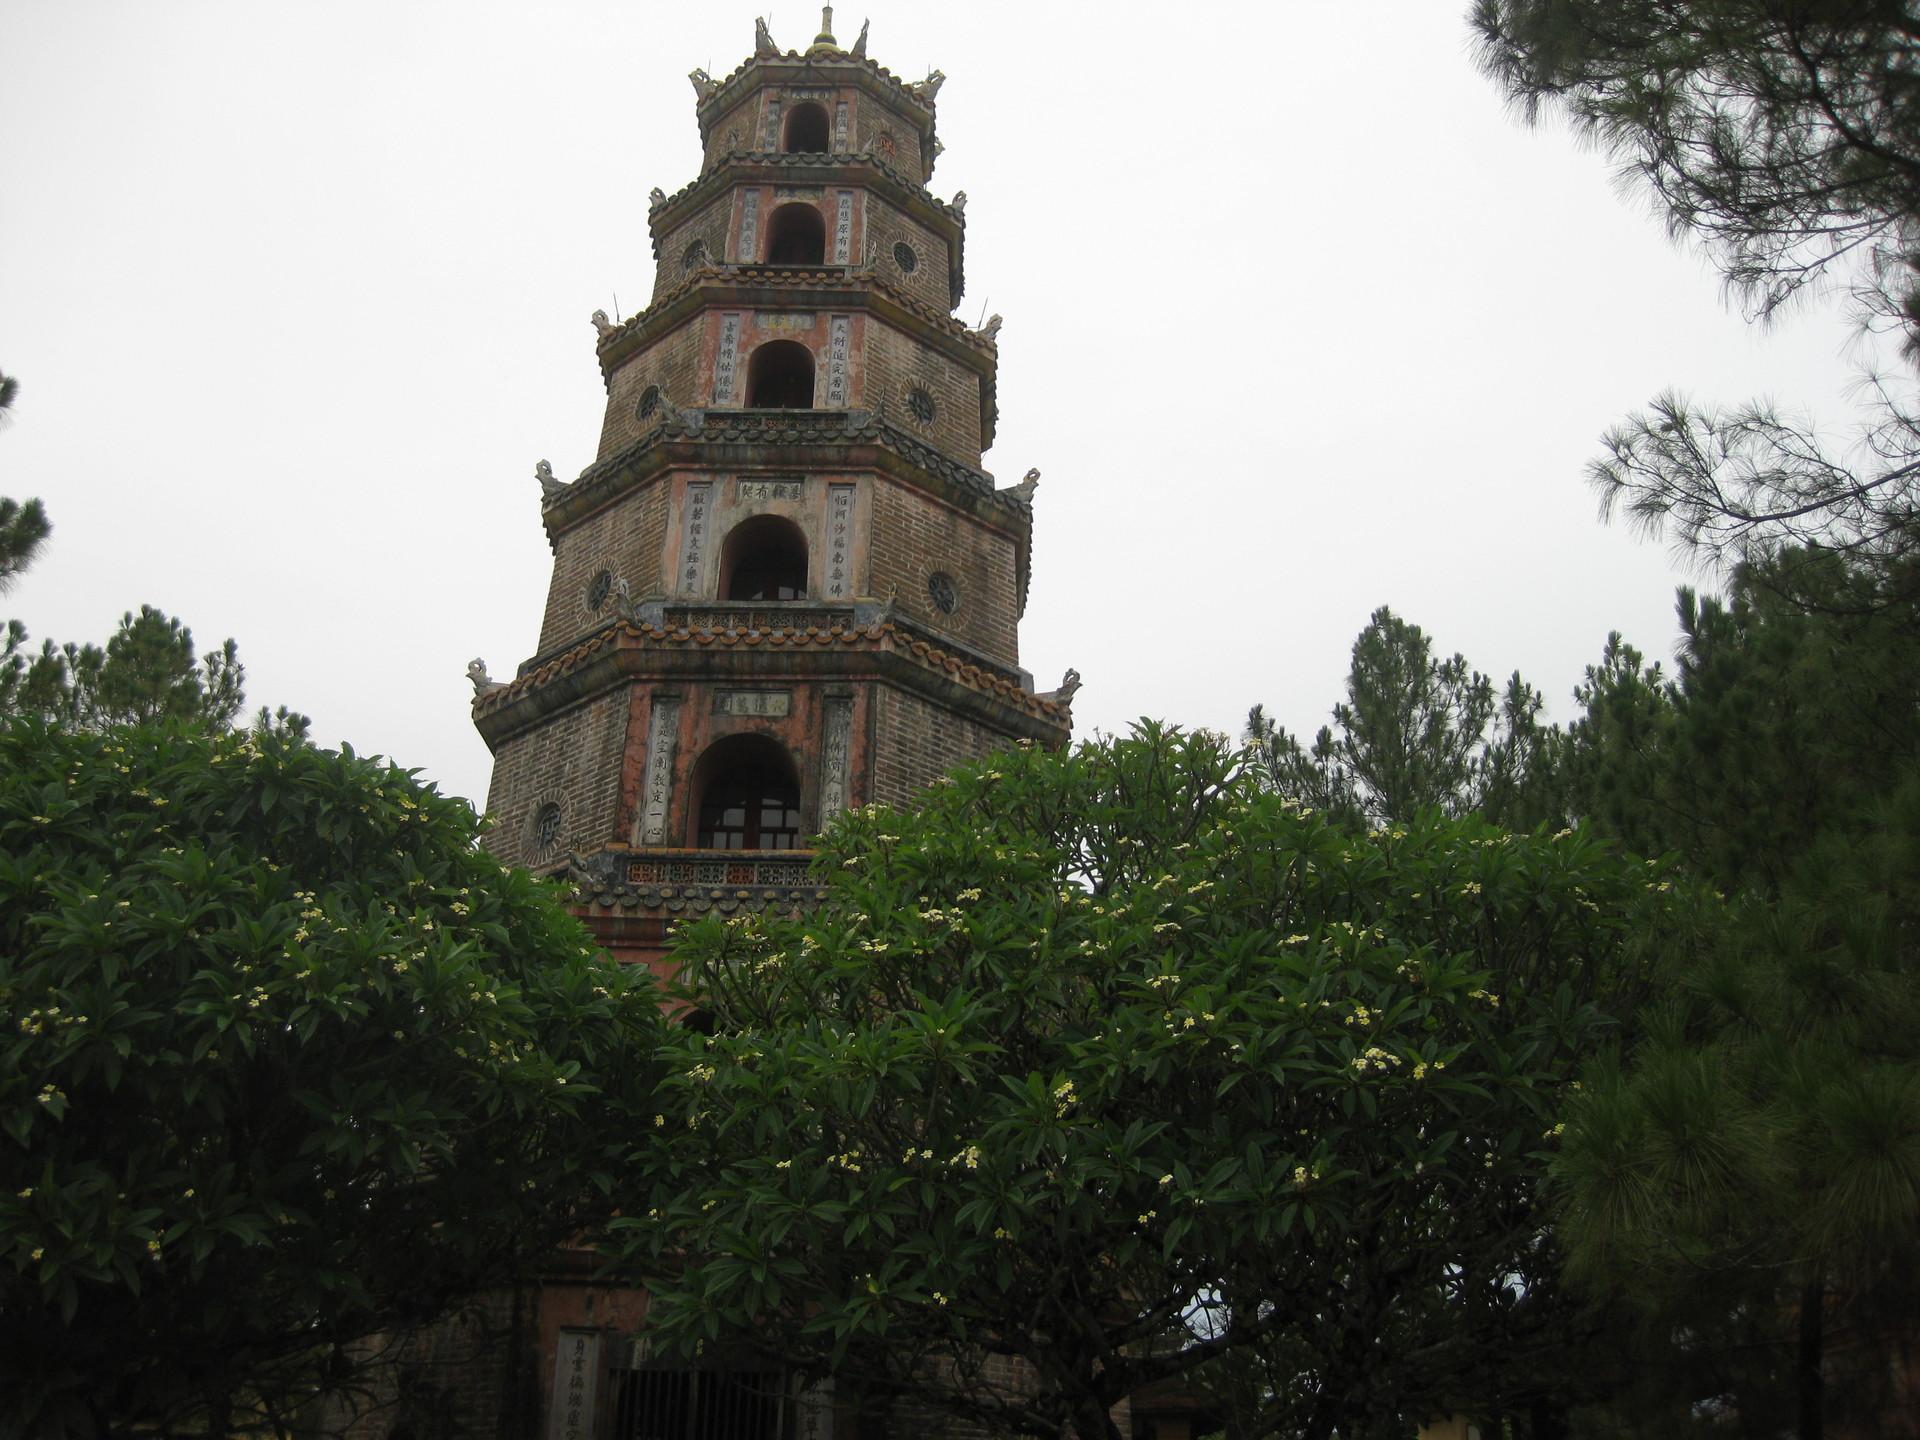 hue-pagoda-celestial-lady-thich-quang-du